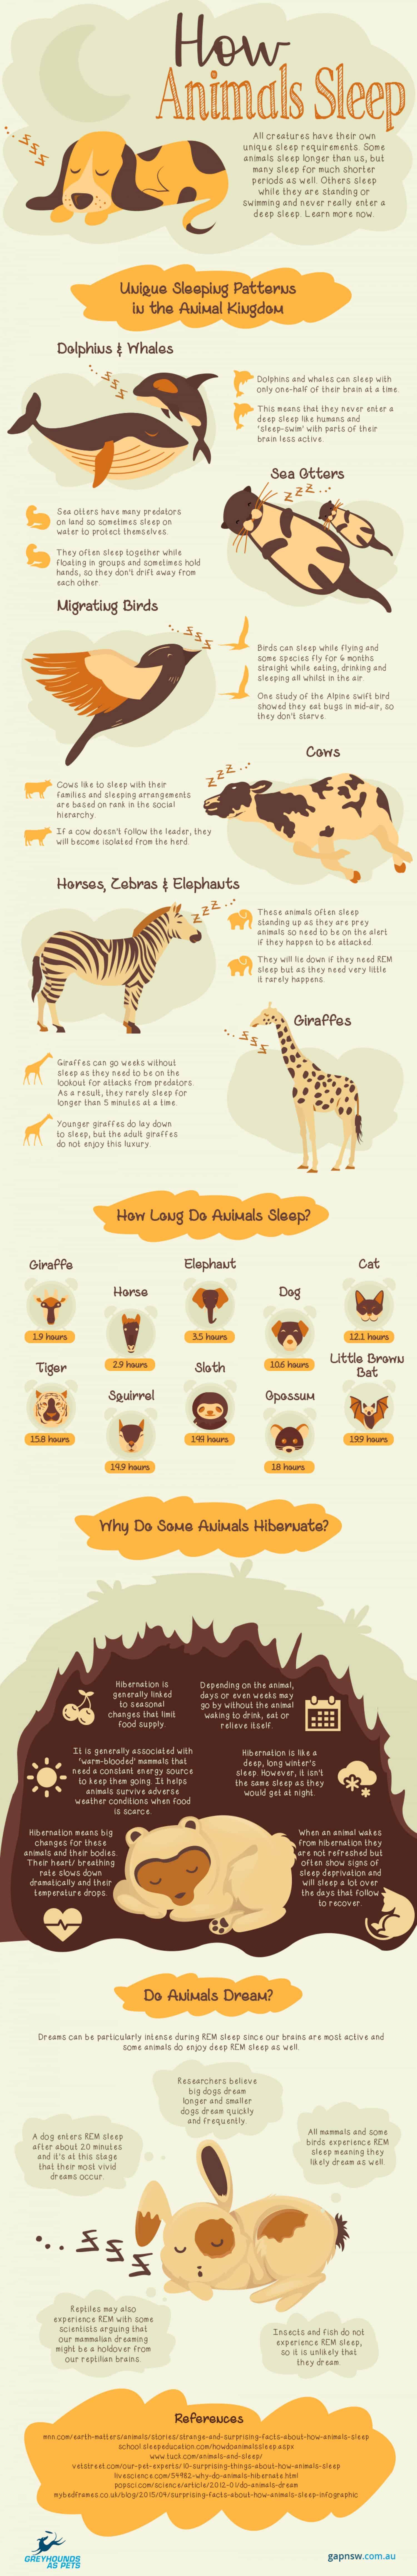 Infographic How Animals Sleep